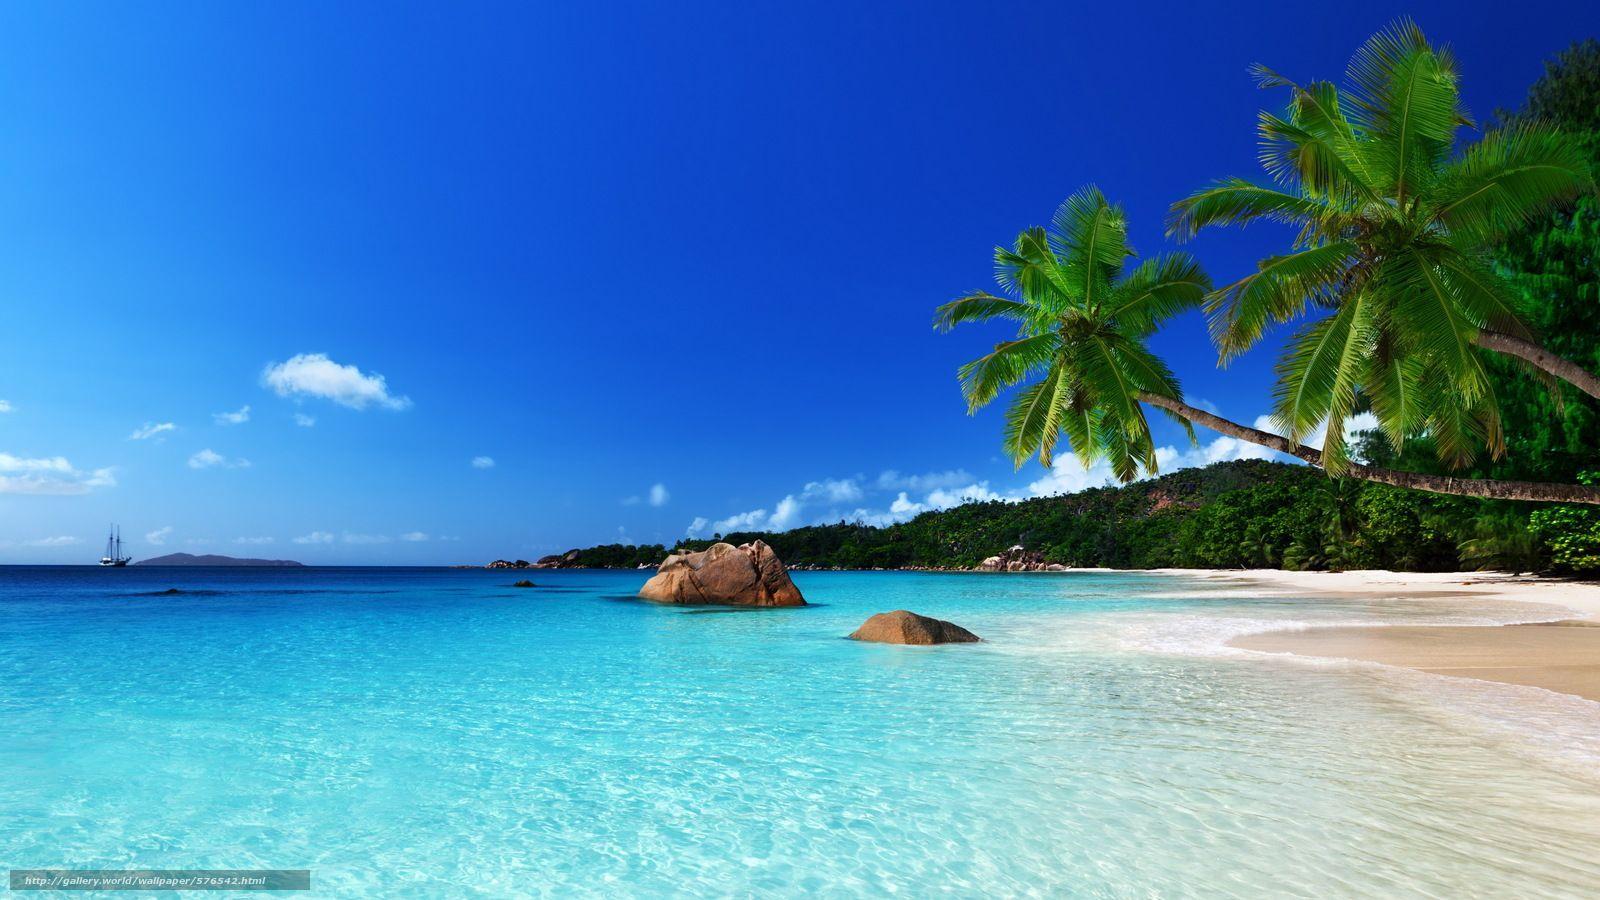 1600x900 Tải xuống hình nền đảo, biển, bờ biển, Vùng nhiệt đới Hình nền máy tính để bàn miễn phí ở độ phân giải 5156x2900